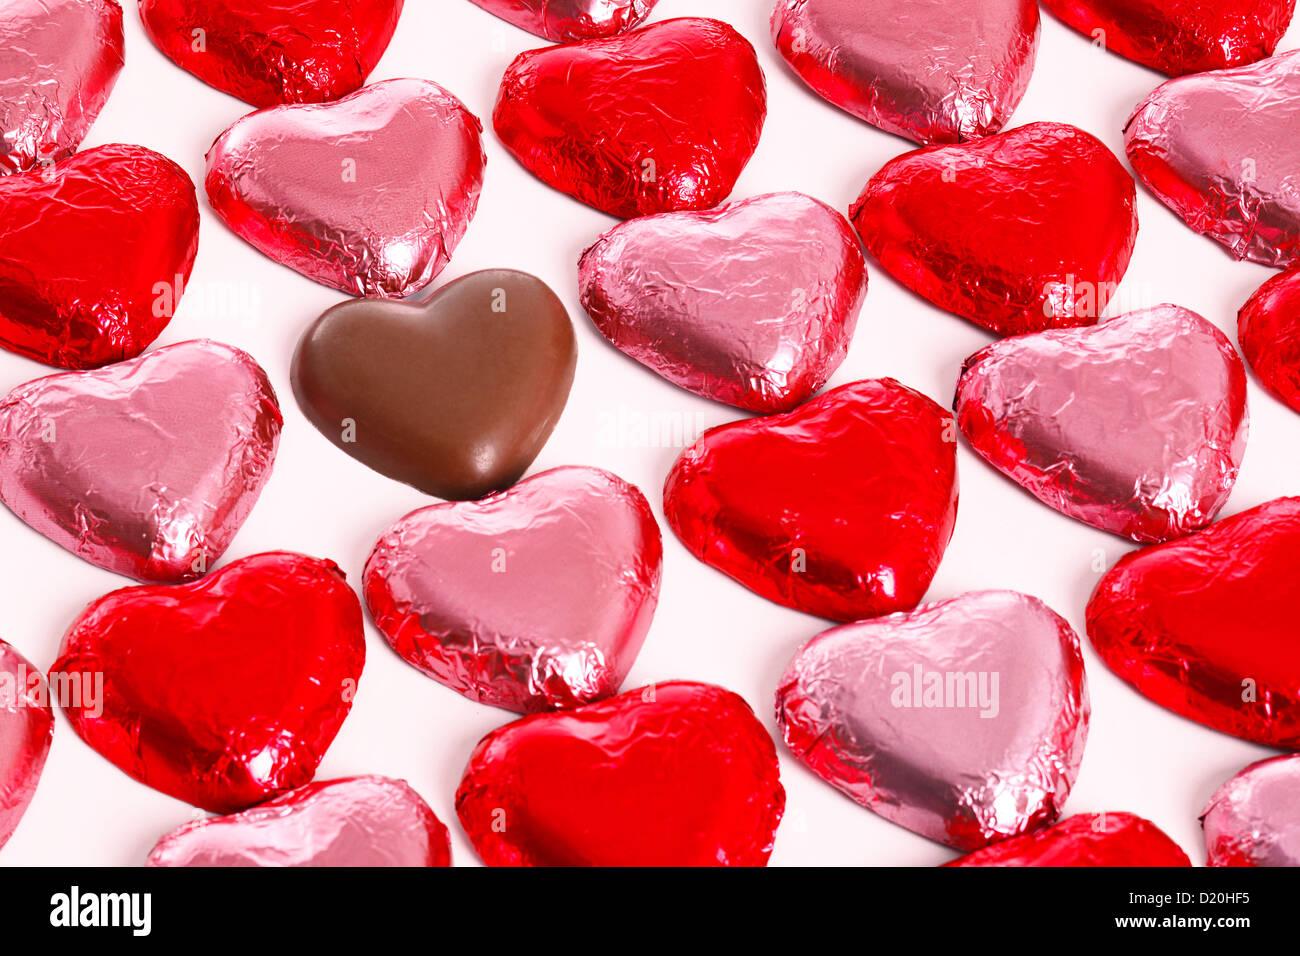 Cuori Di Cioccolato In Rosso E Pick Involucri Di Foglia Su Sfondo